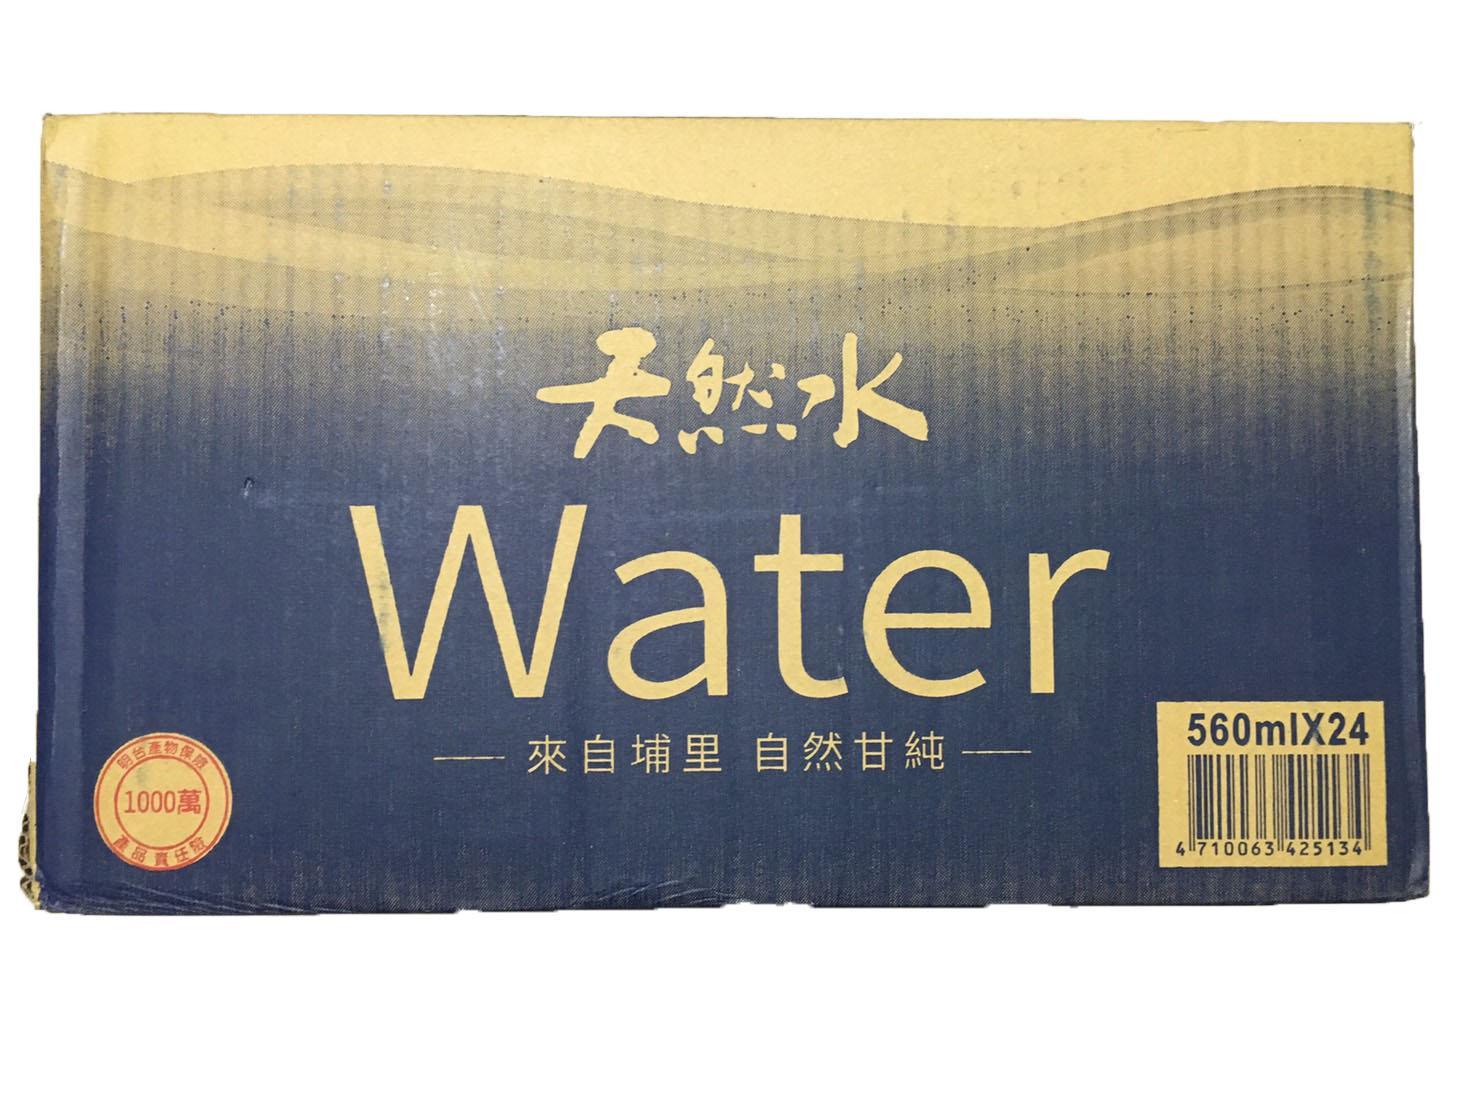 天然水 宅配免運 天然水560ml x 24入 礦泉水 竹炭水 海洋鹼性離子水 多喝水 純水 悅氏 2